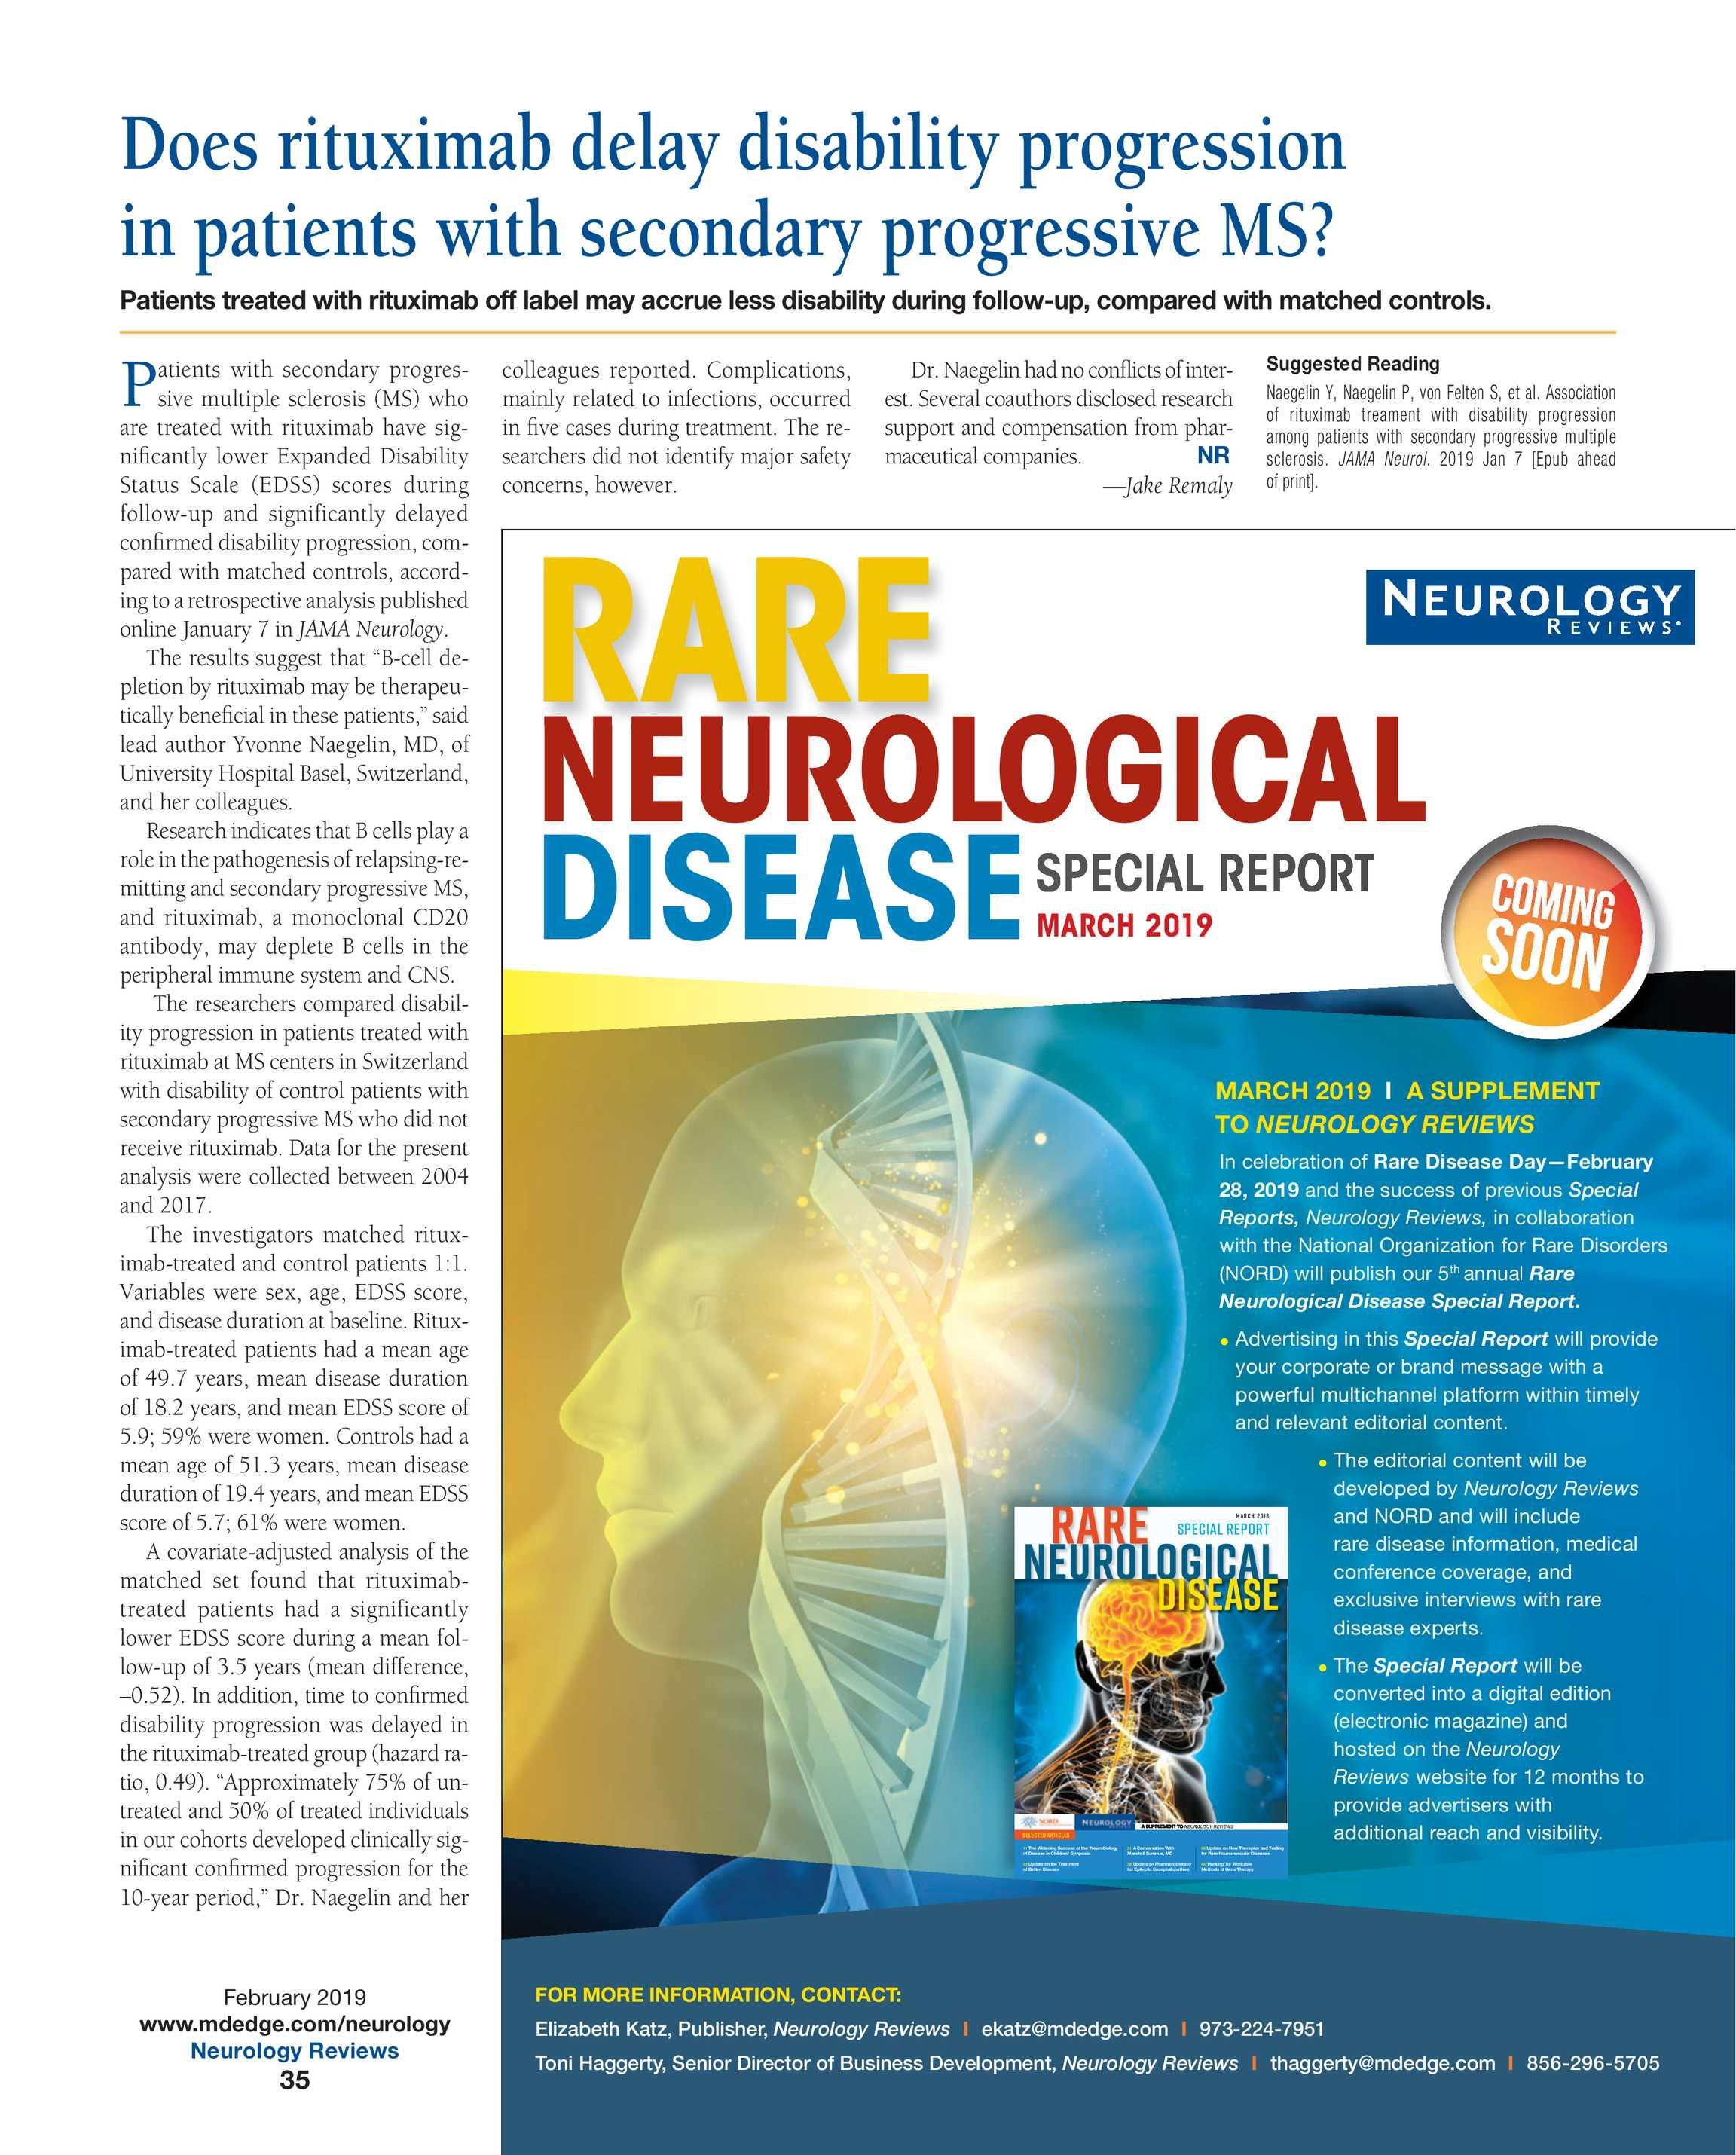 Neurology Reviews - NR Feb 2019 - page 35